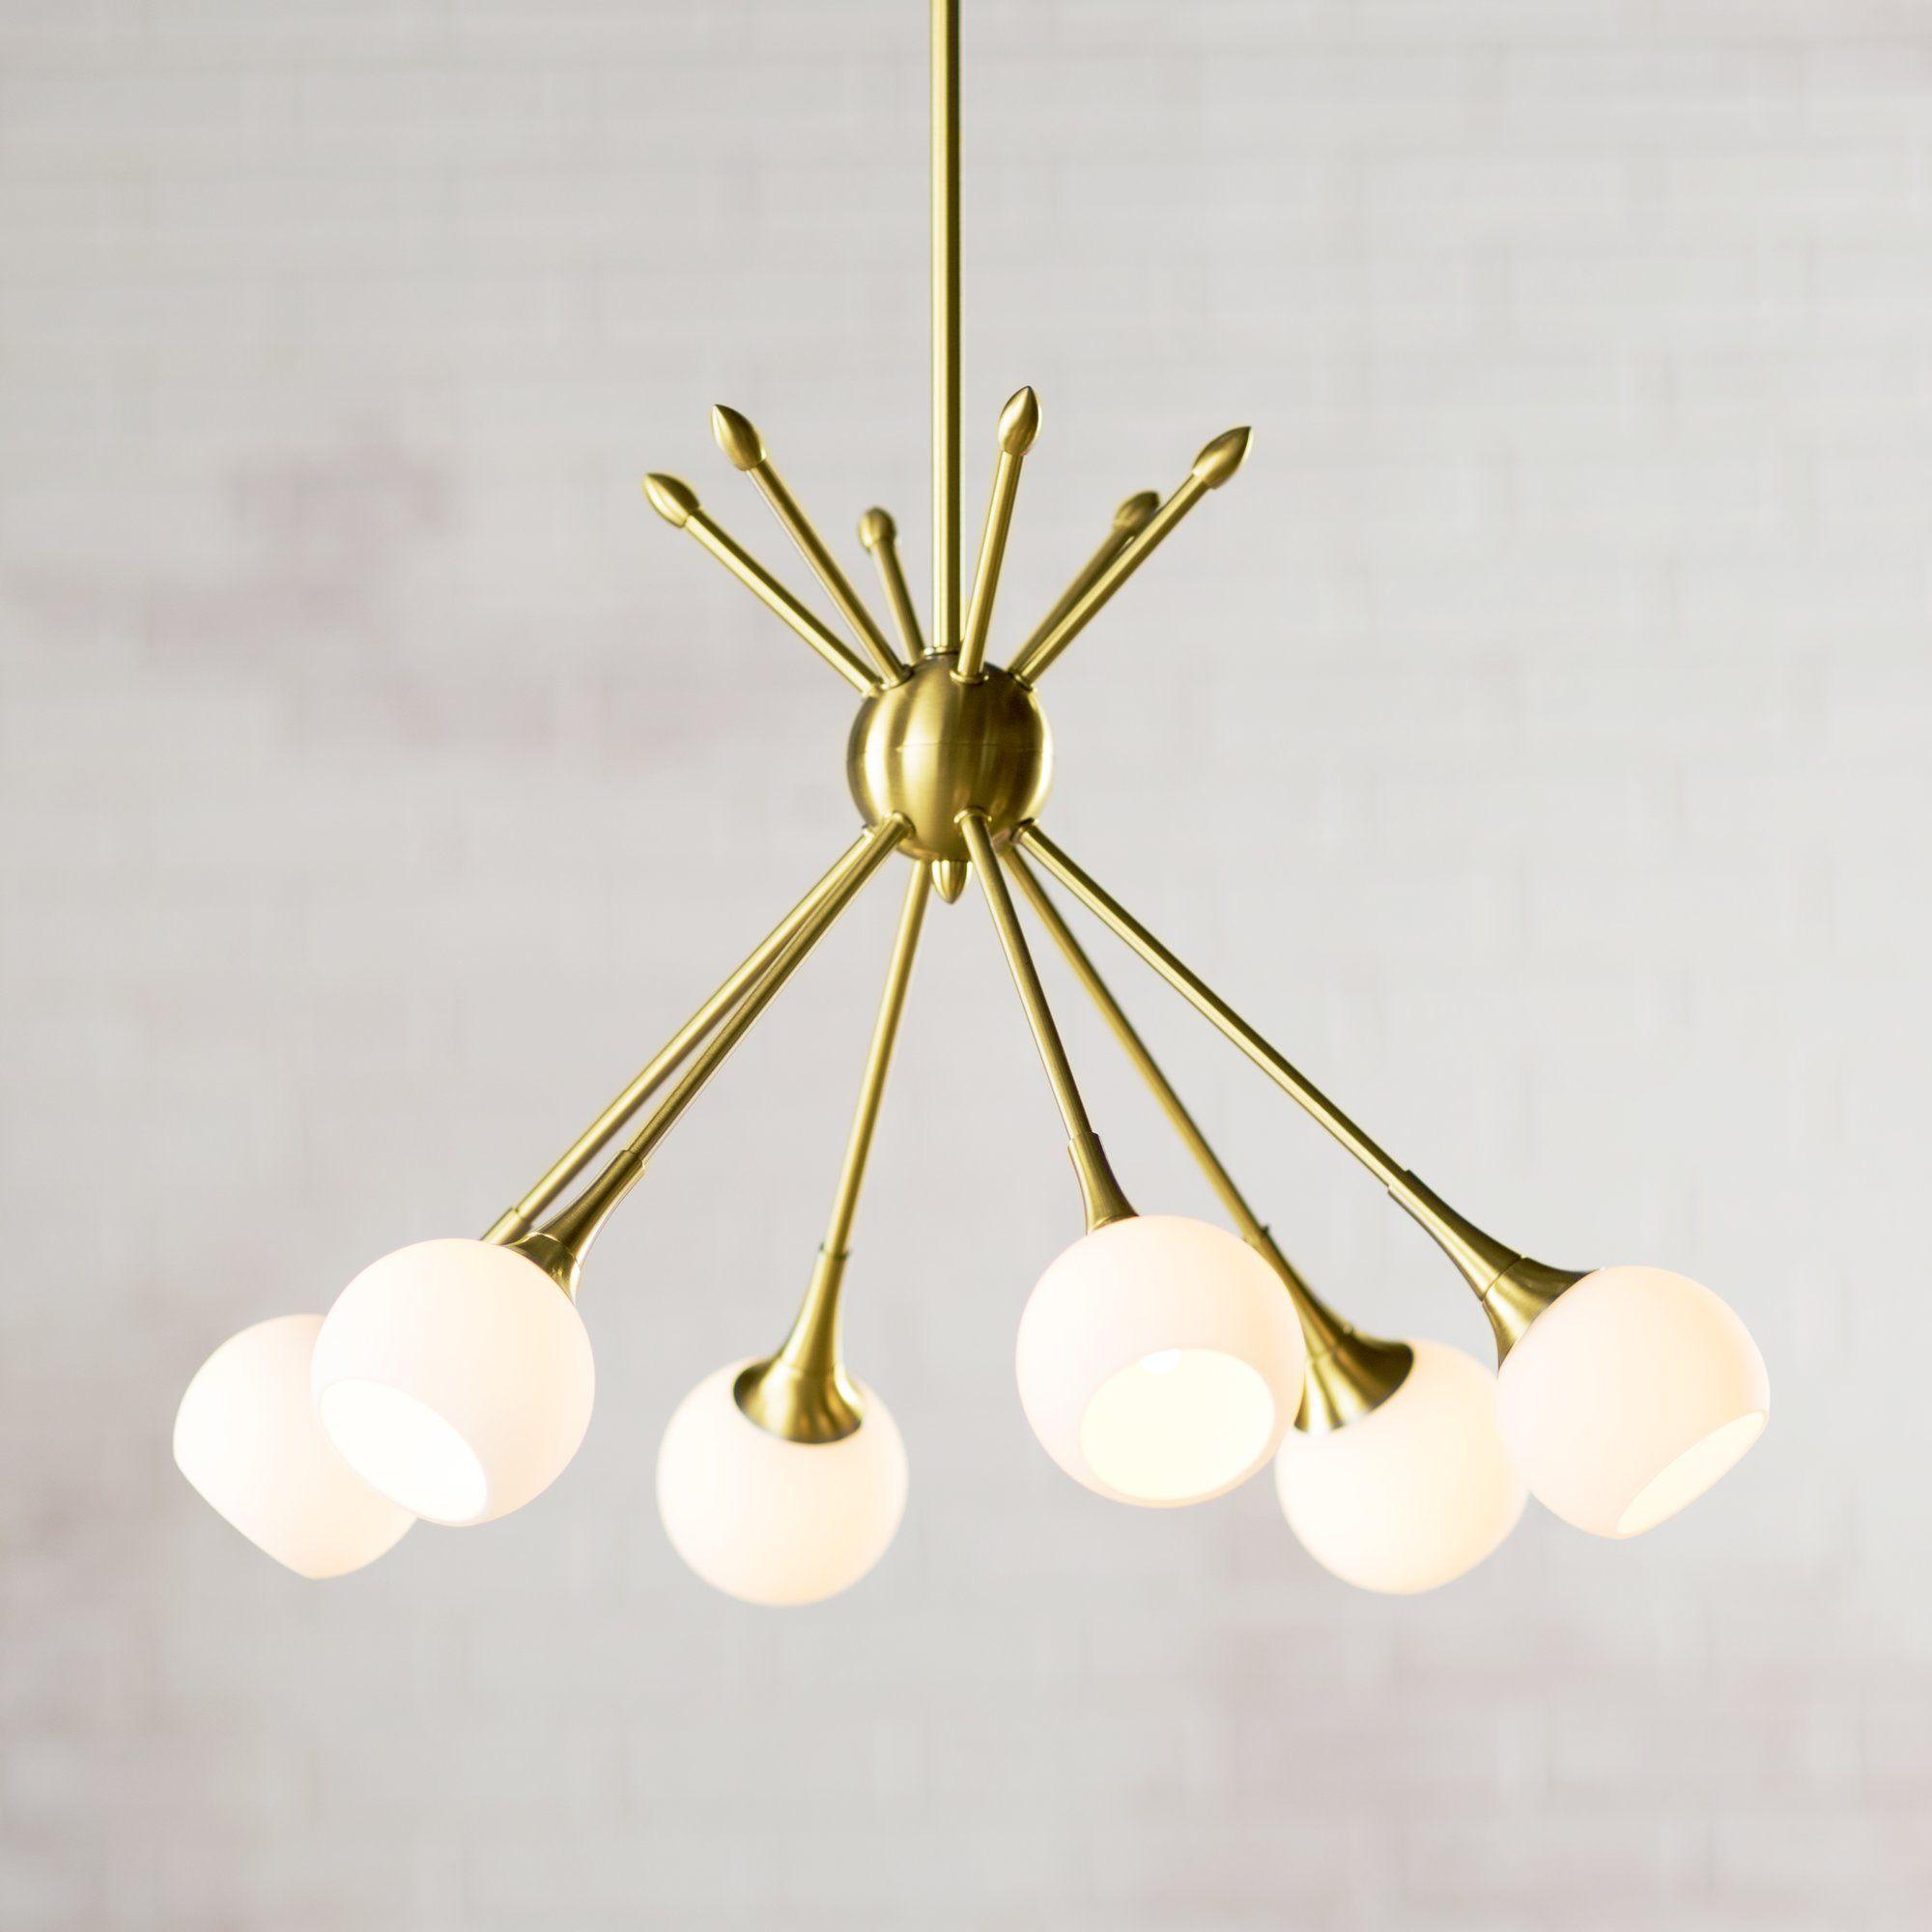 Gladys 6 light sputnik chandelier new house pinterest small drexler 6 light sputnik chandelier arubaitofo Images